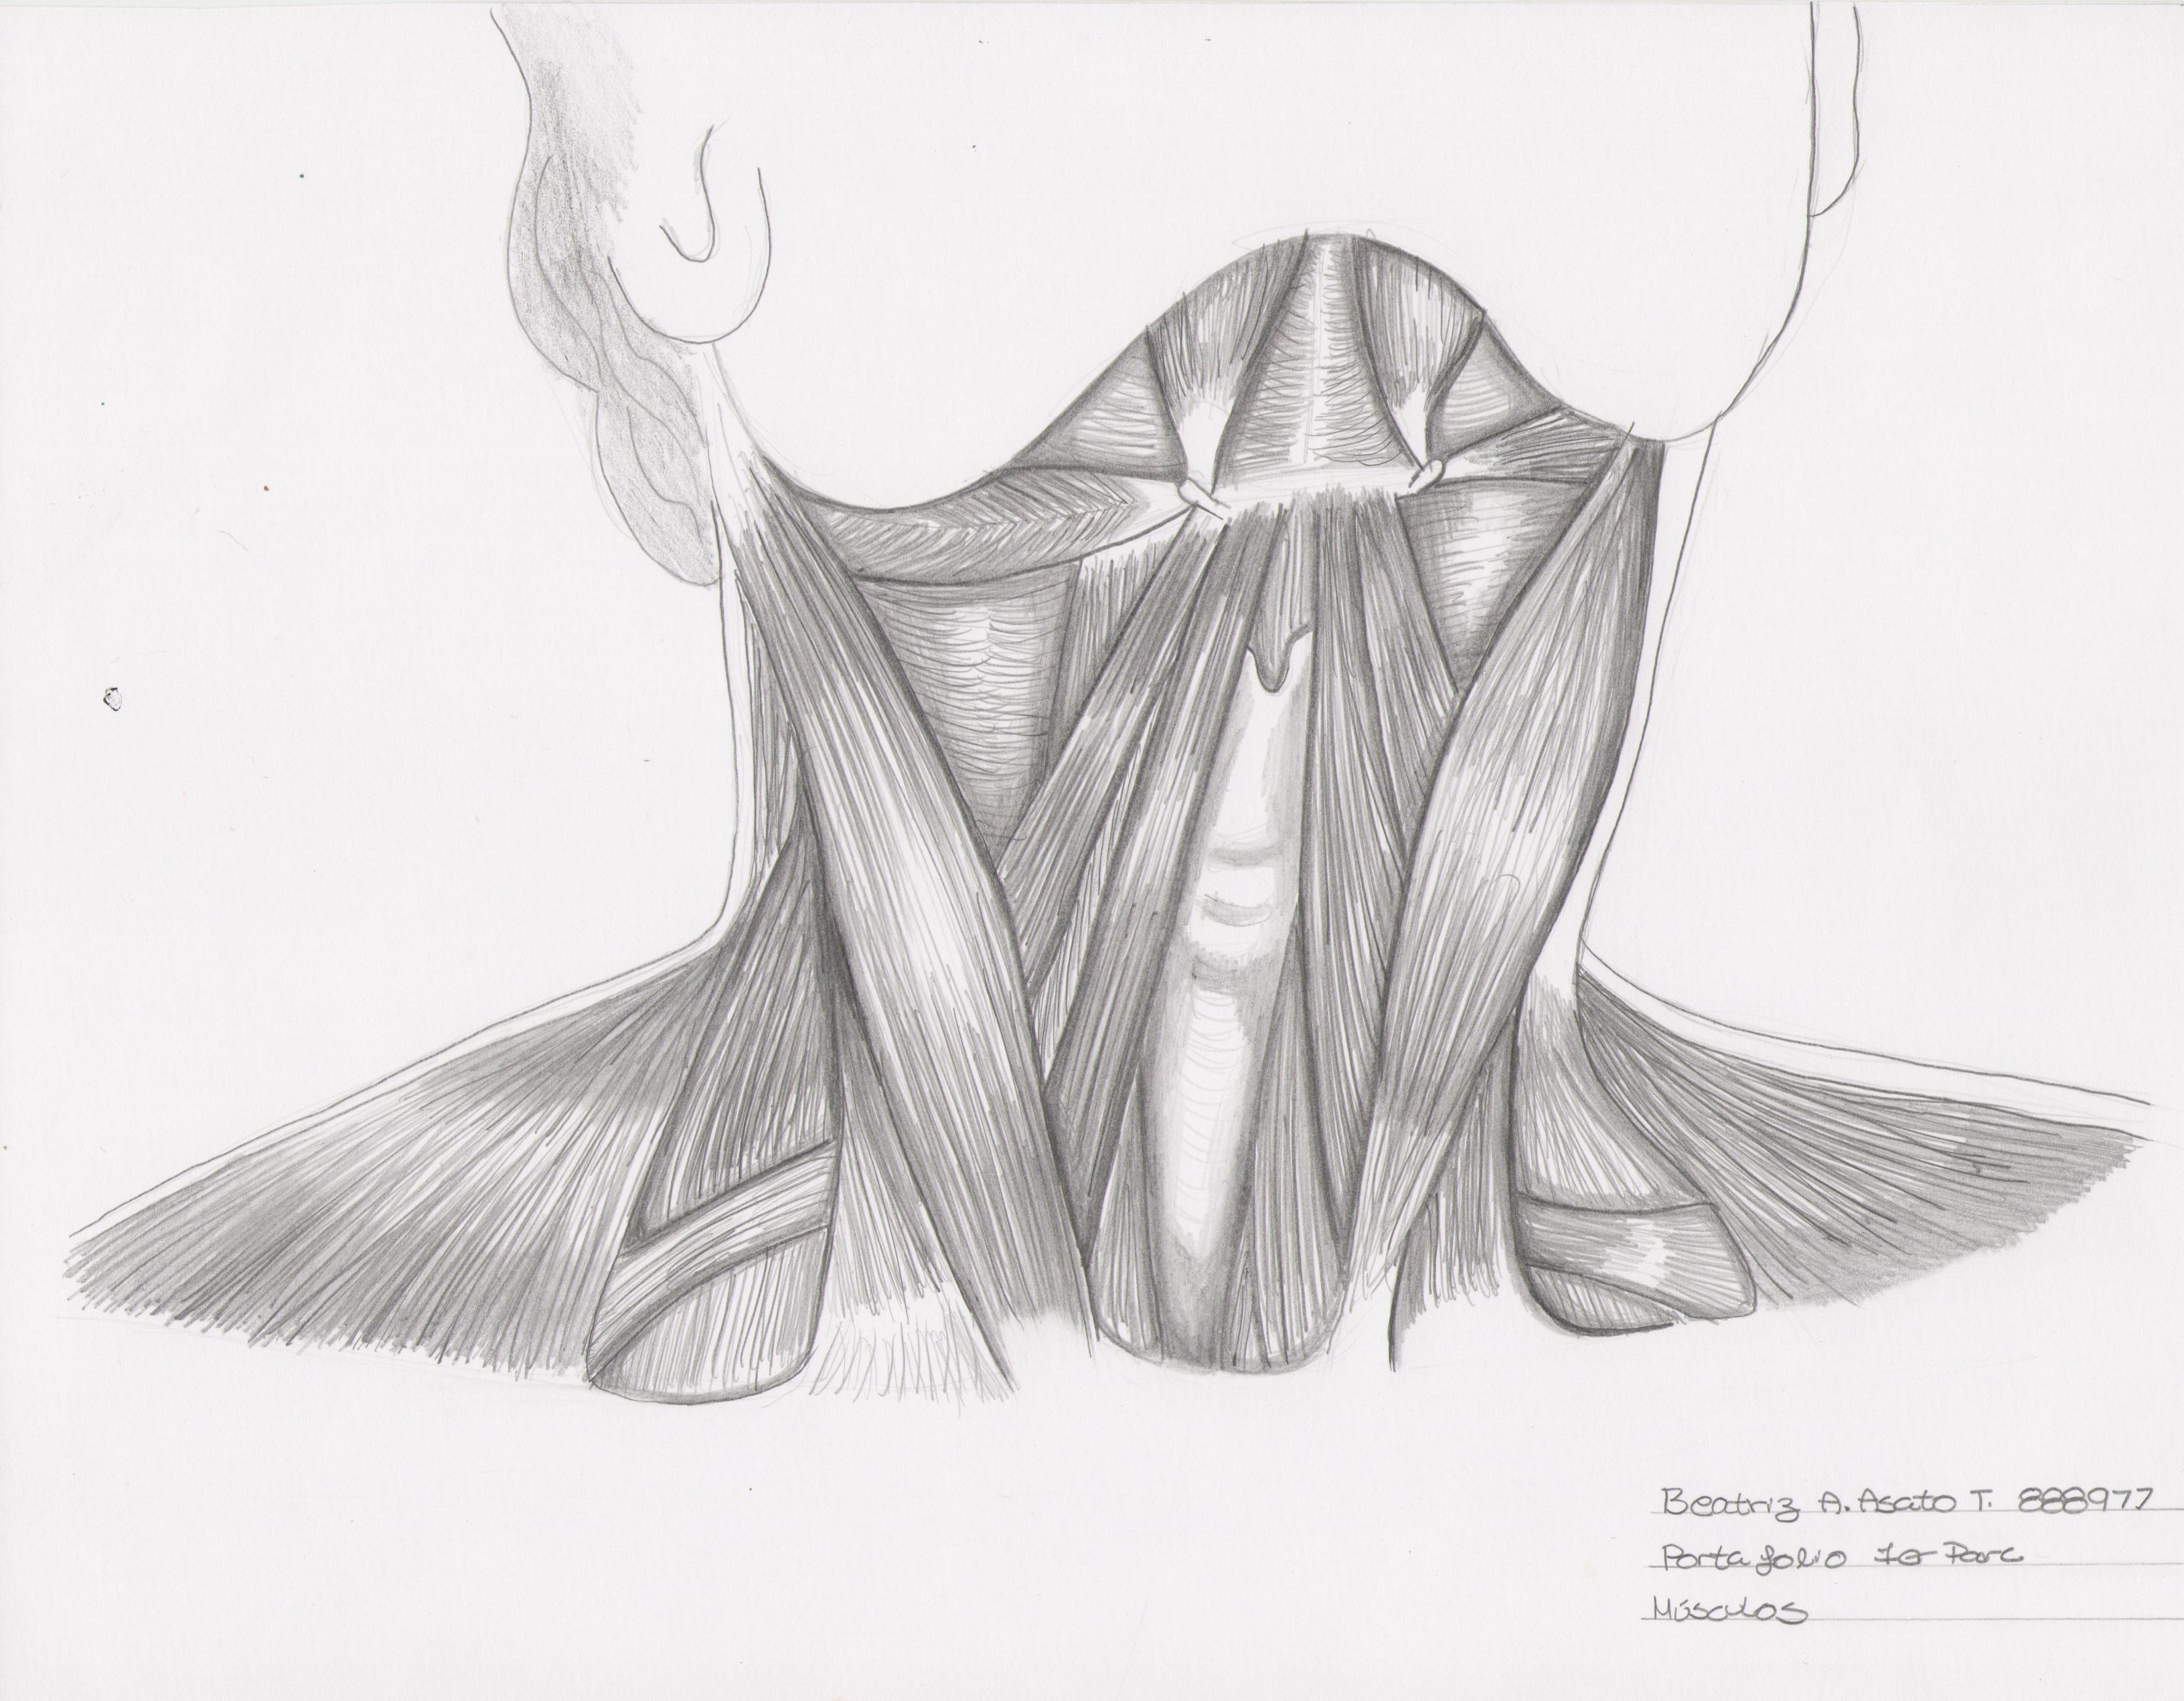 Fantástico Diagrama De Los Músculos En El Cuello Inspiración ...